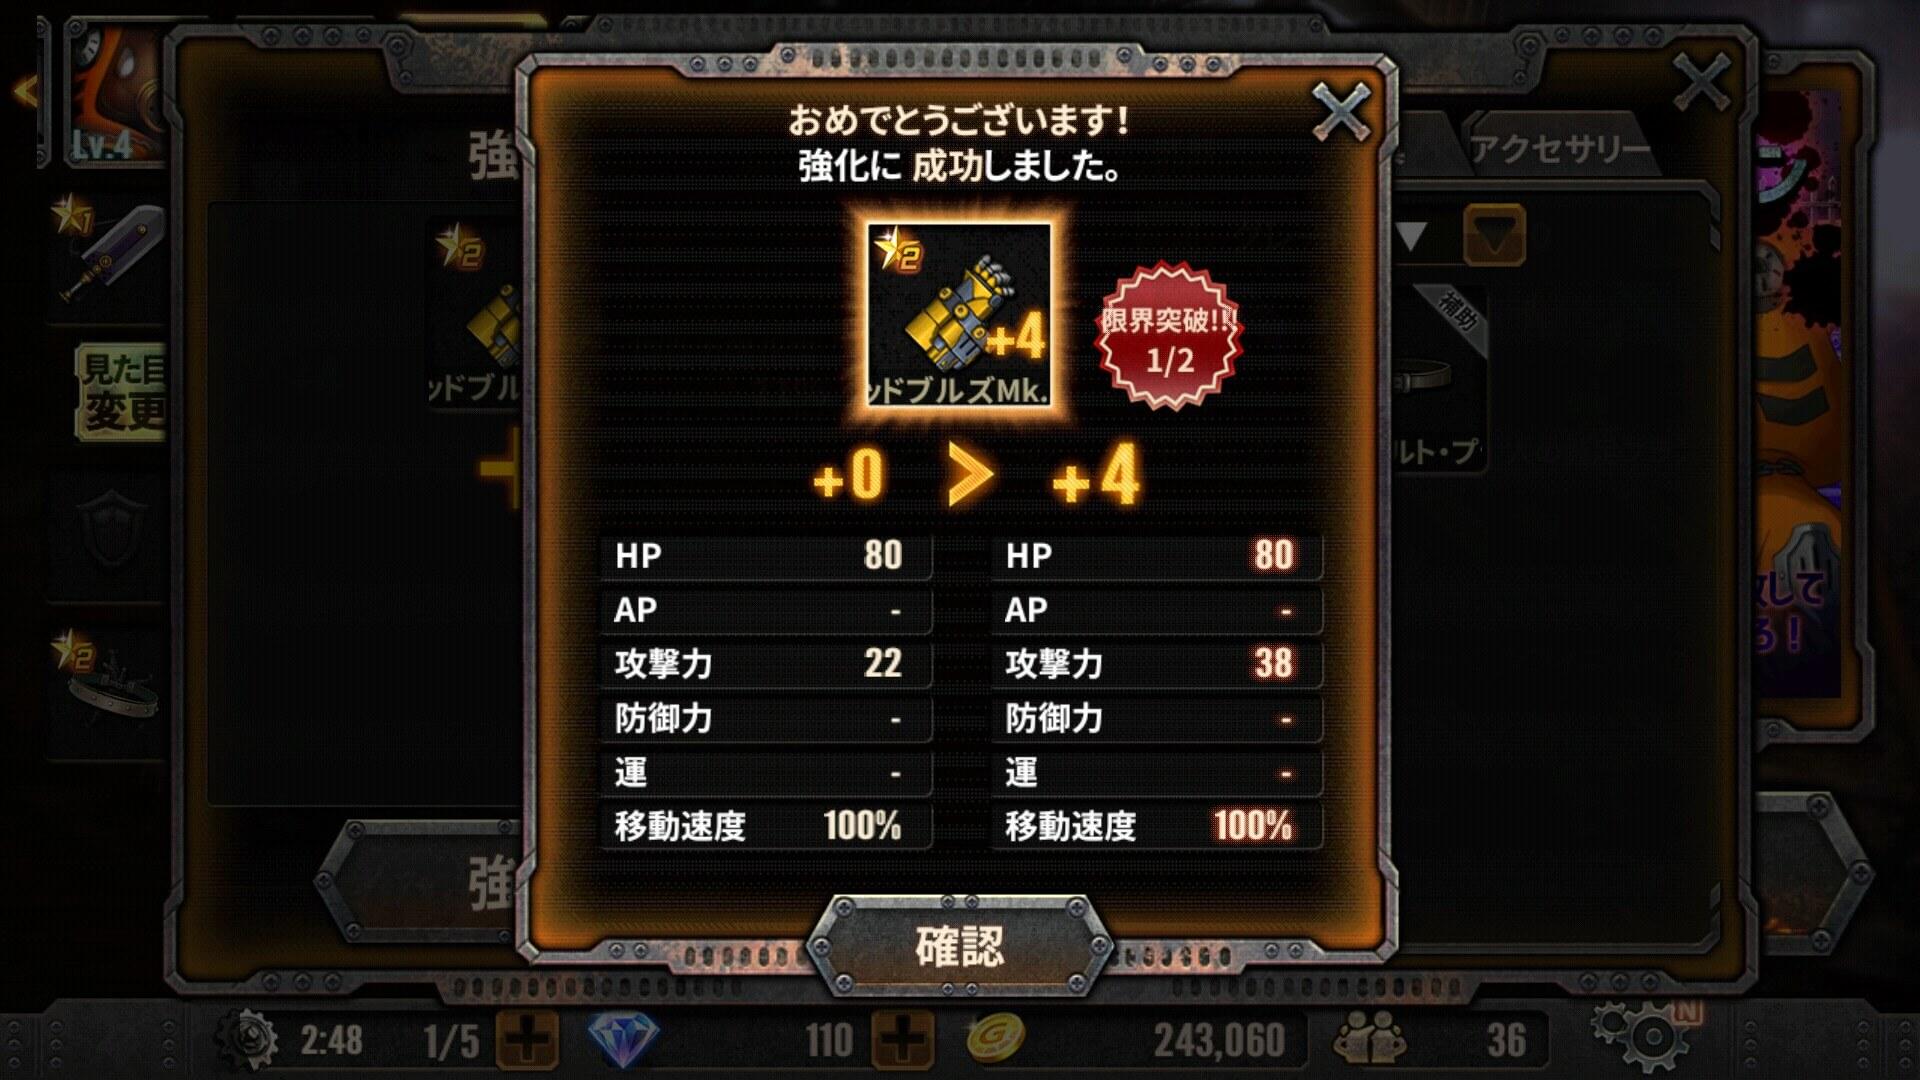 トレインクラッシャー16 武器を強化する!